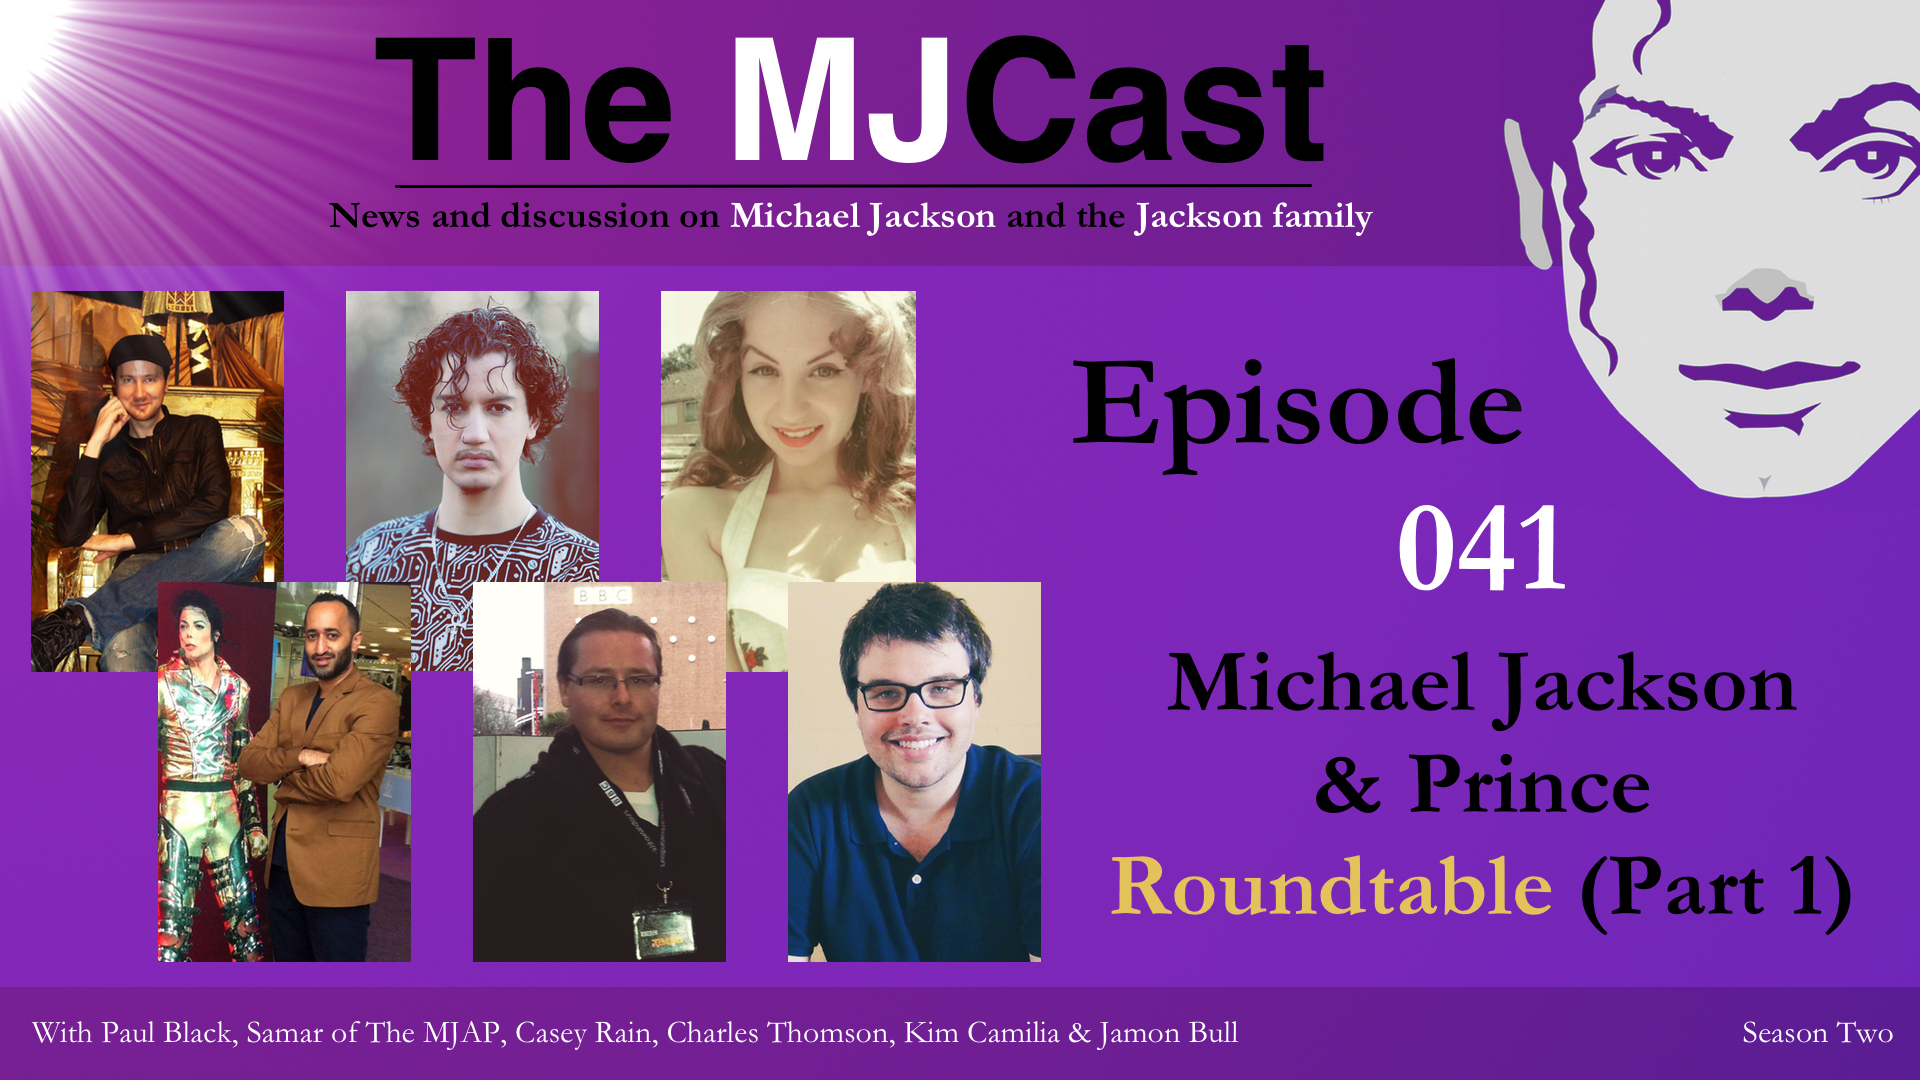 episode-041-michael-jackson-prince-roundtable-part-1-show-art